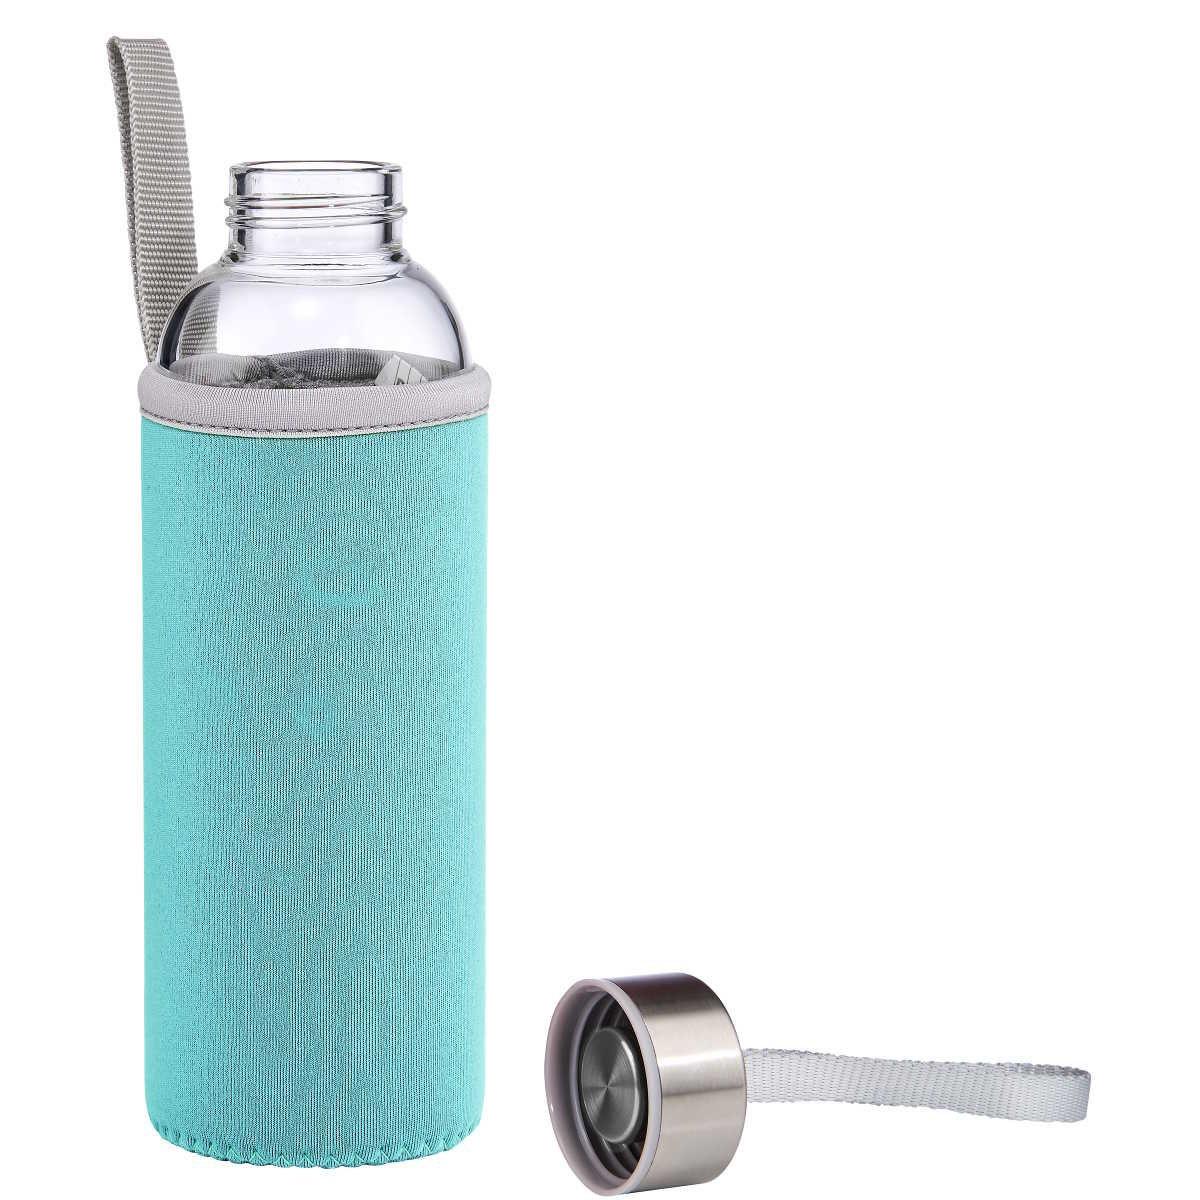 Bild 2 von Trinkflasche mit Tasche 0,5 l